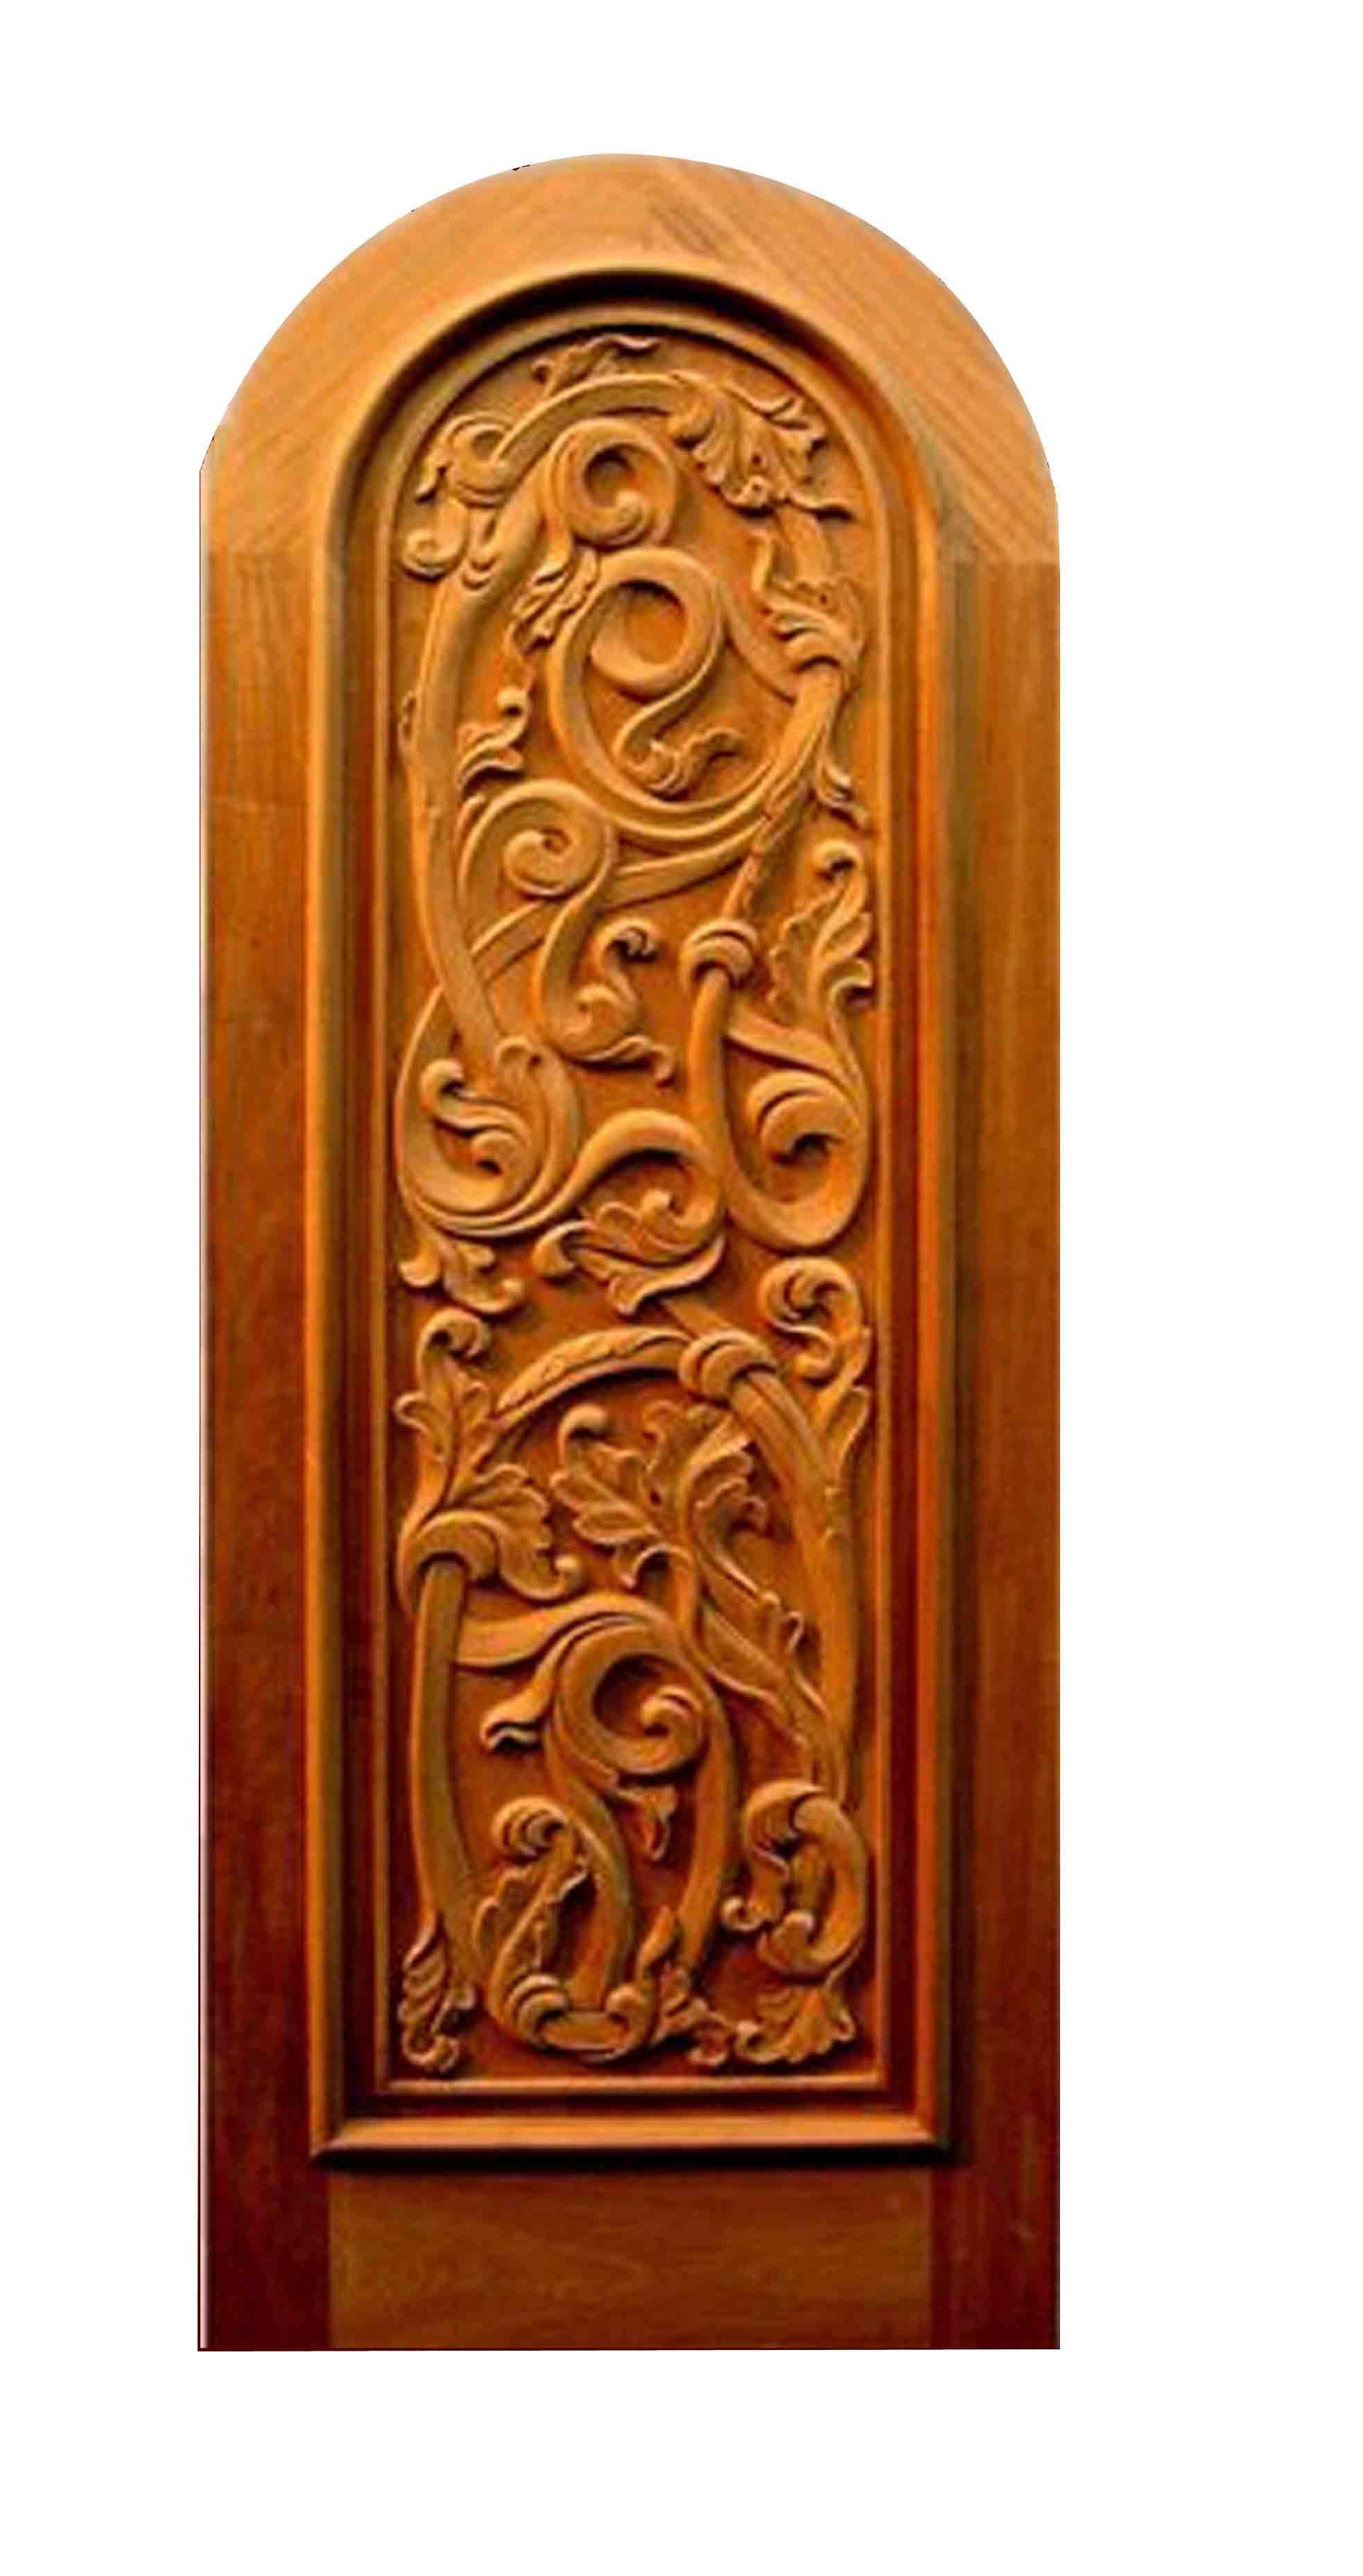 Wooden Door Design Cnc Router Machine Rj1325 Buy Wooden Door